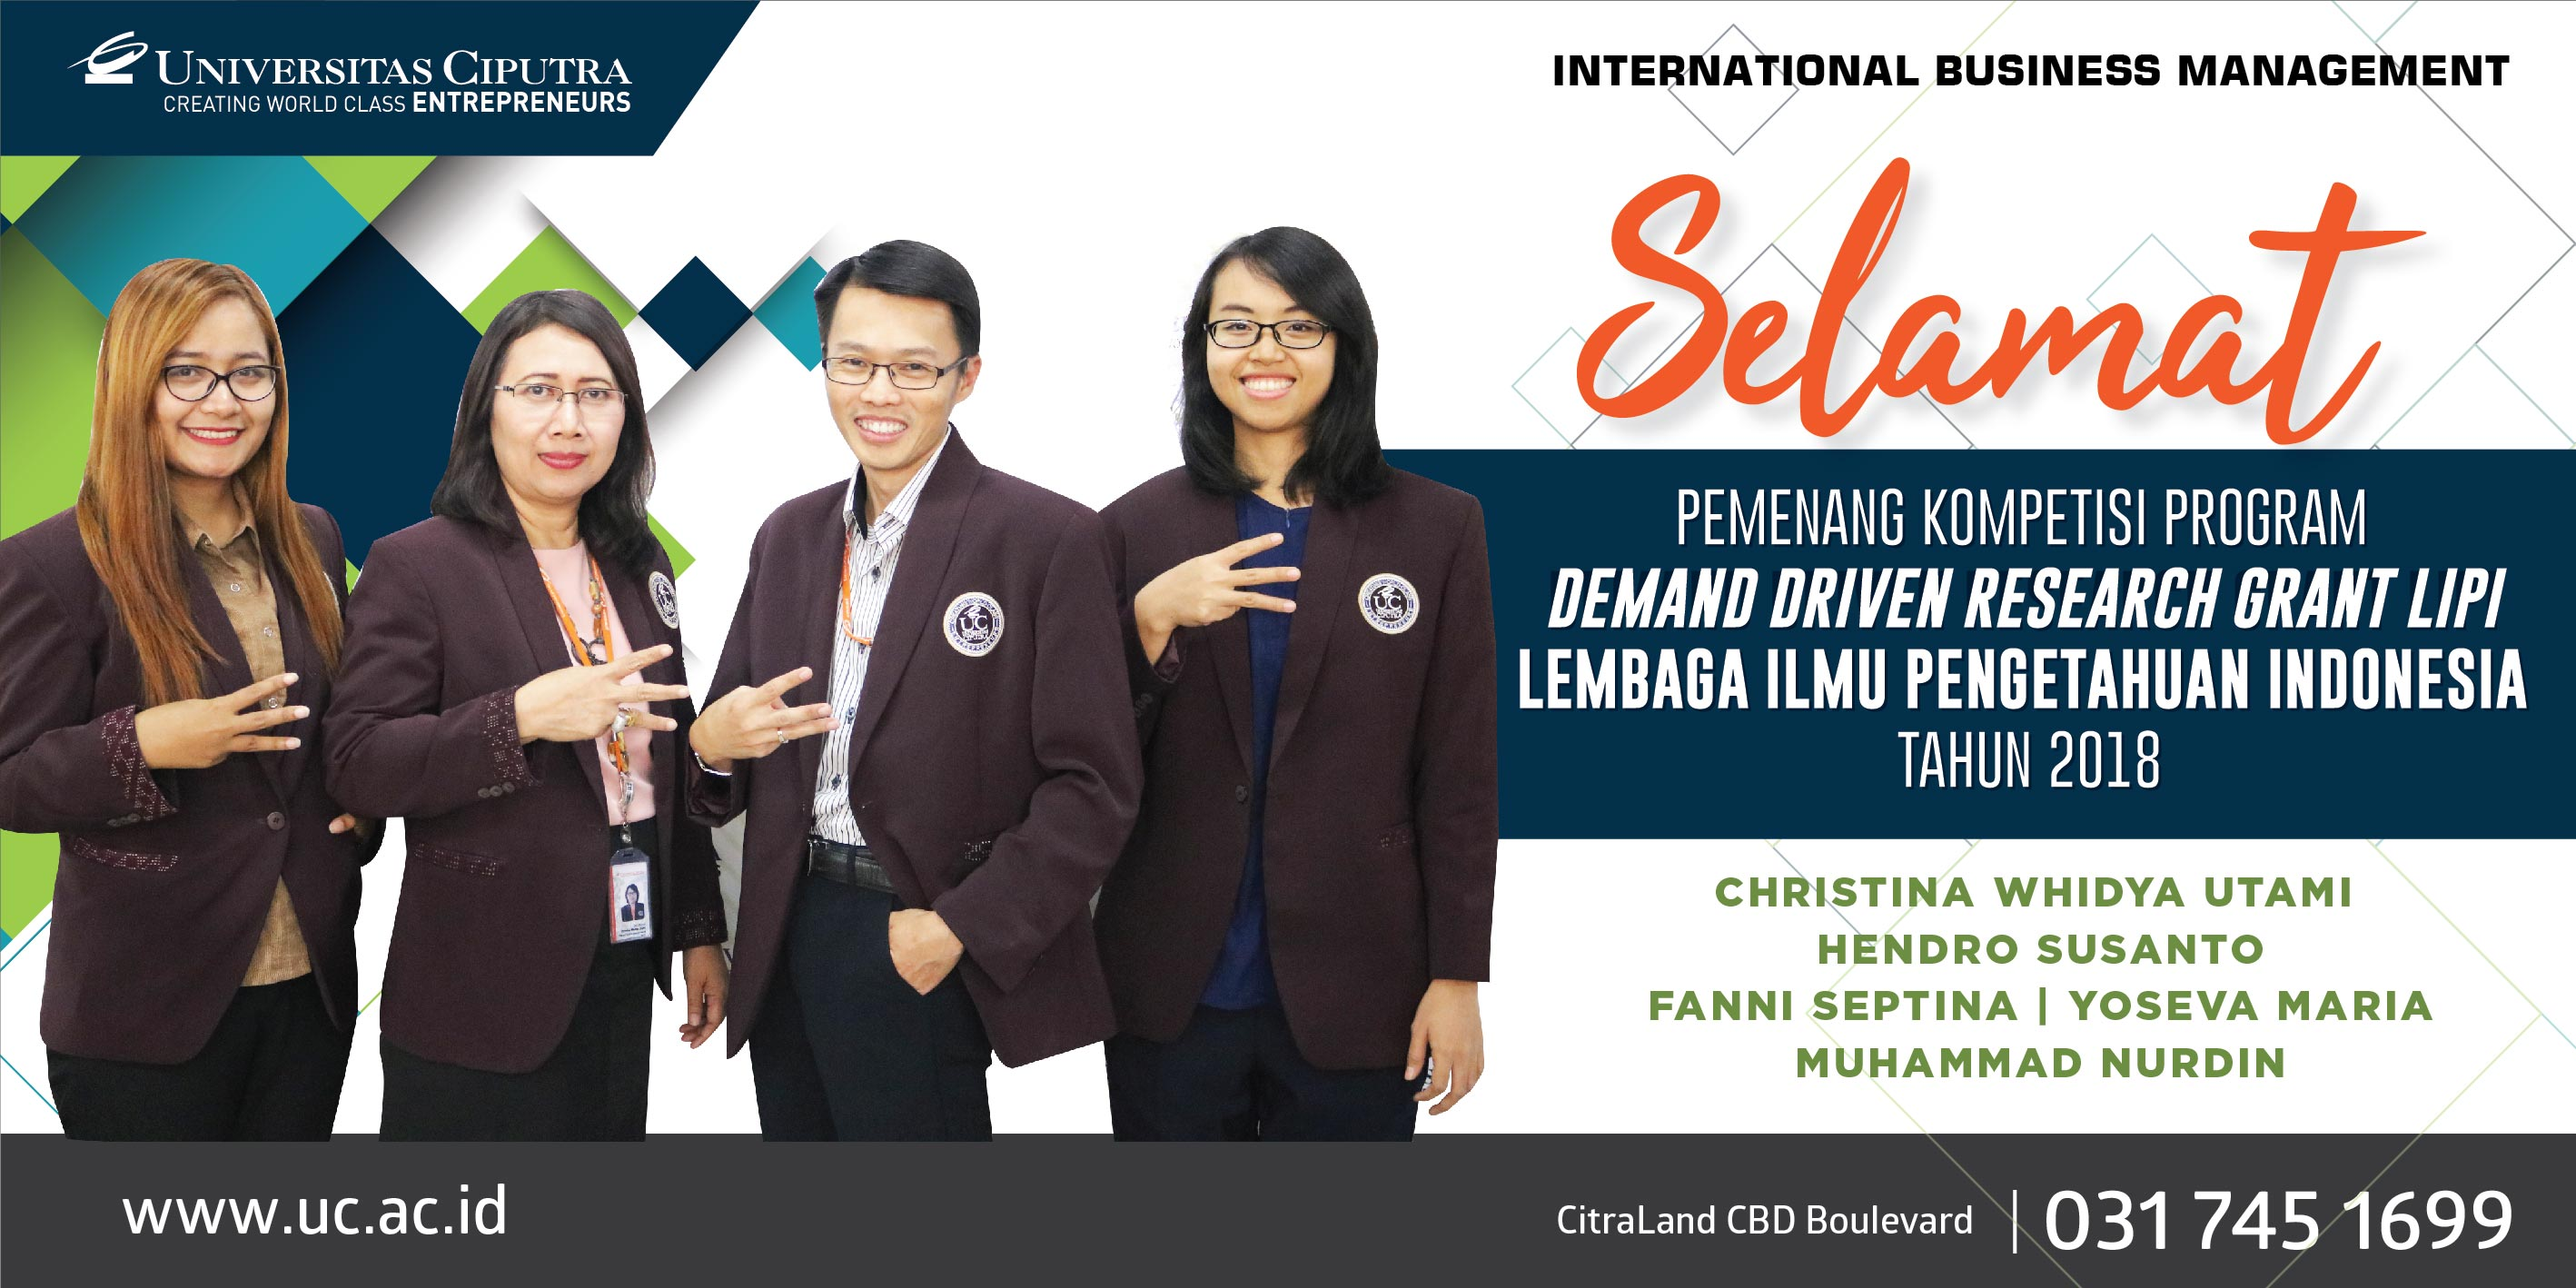 Selamat Pemenang Kompetisi Program – Demand Driven Research Grant LIPI 2018